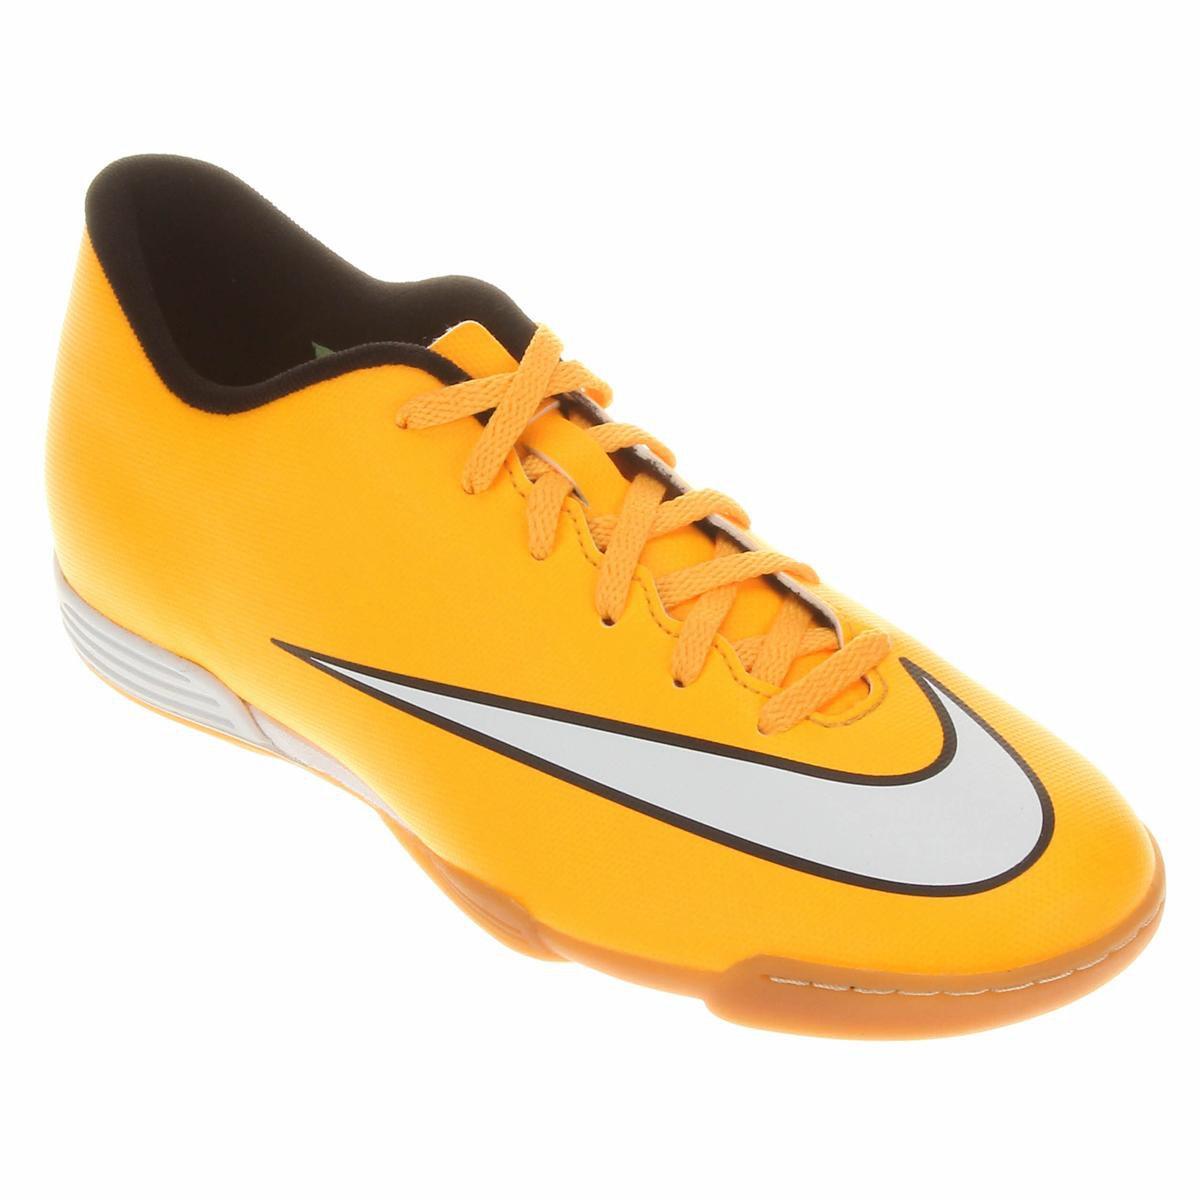 33dec7e383 Chuteira Futsal Nike Mercurial Vortex 2 IC - Compre Agora